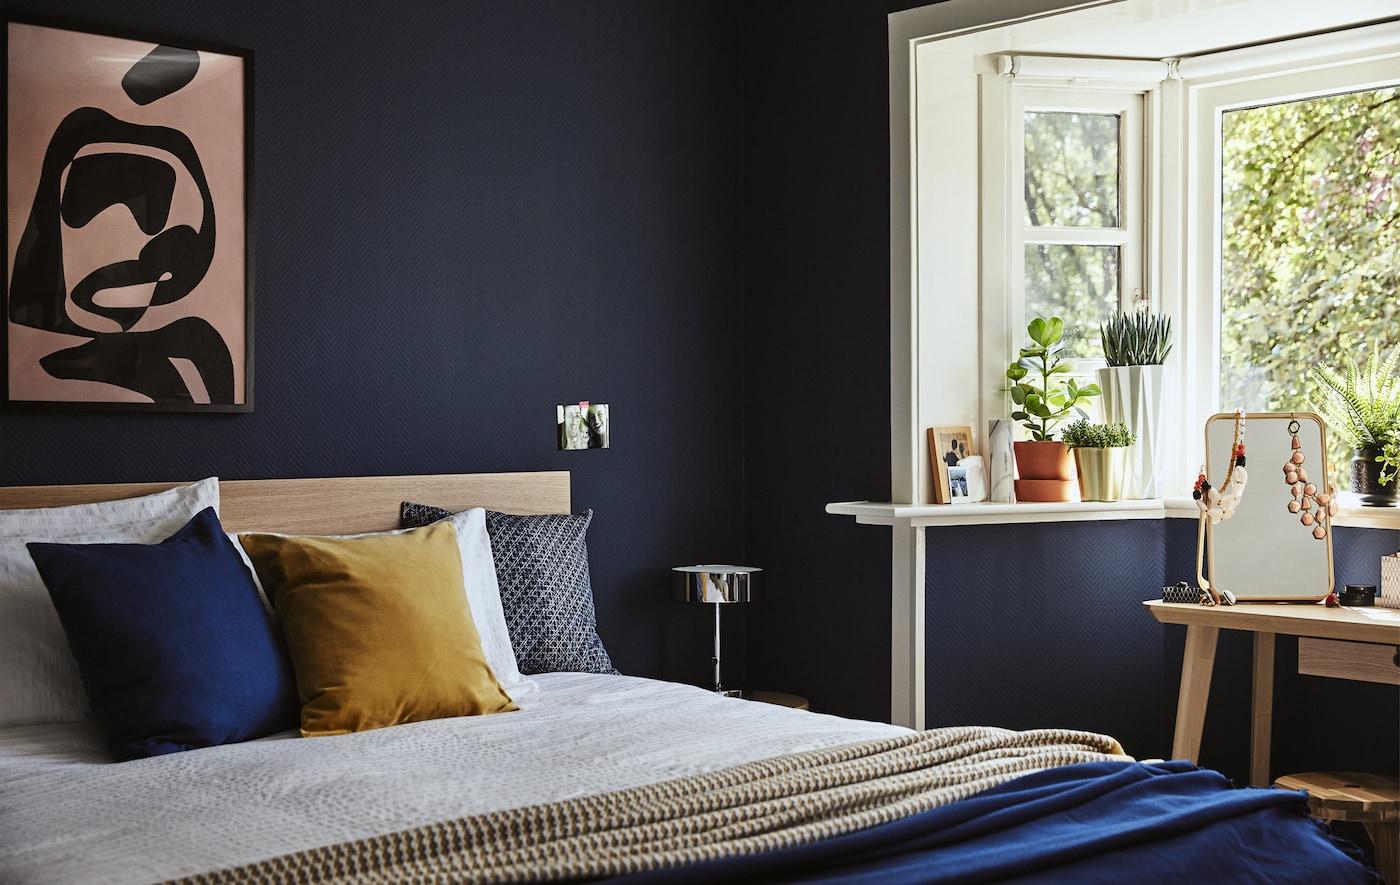 زاوية من غرفة نوم أزرق داكن مع سرير مزدوج وأواني نباتات على حافة النافذة.